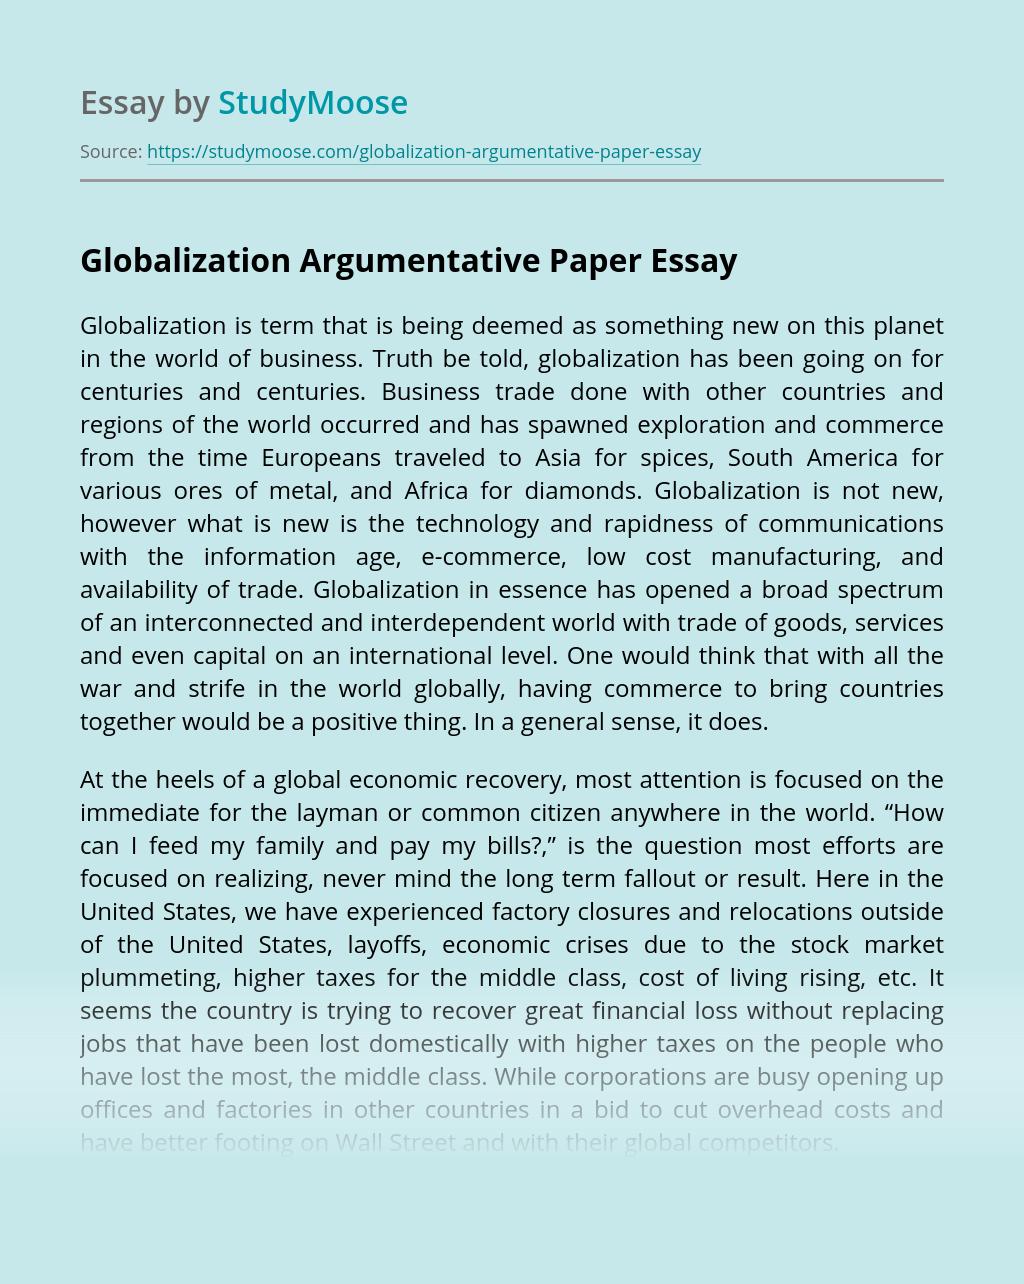 Globalization Argumentative Paper